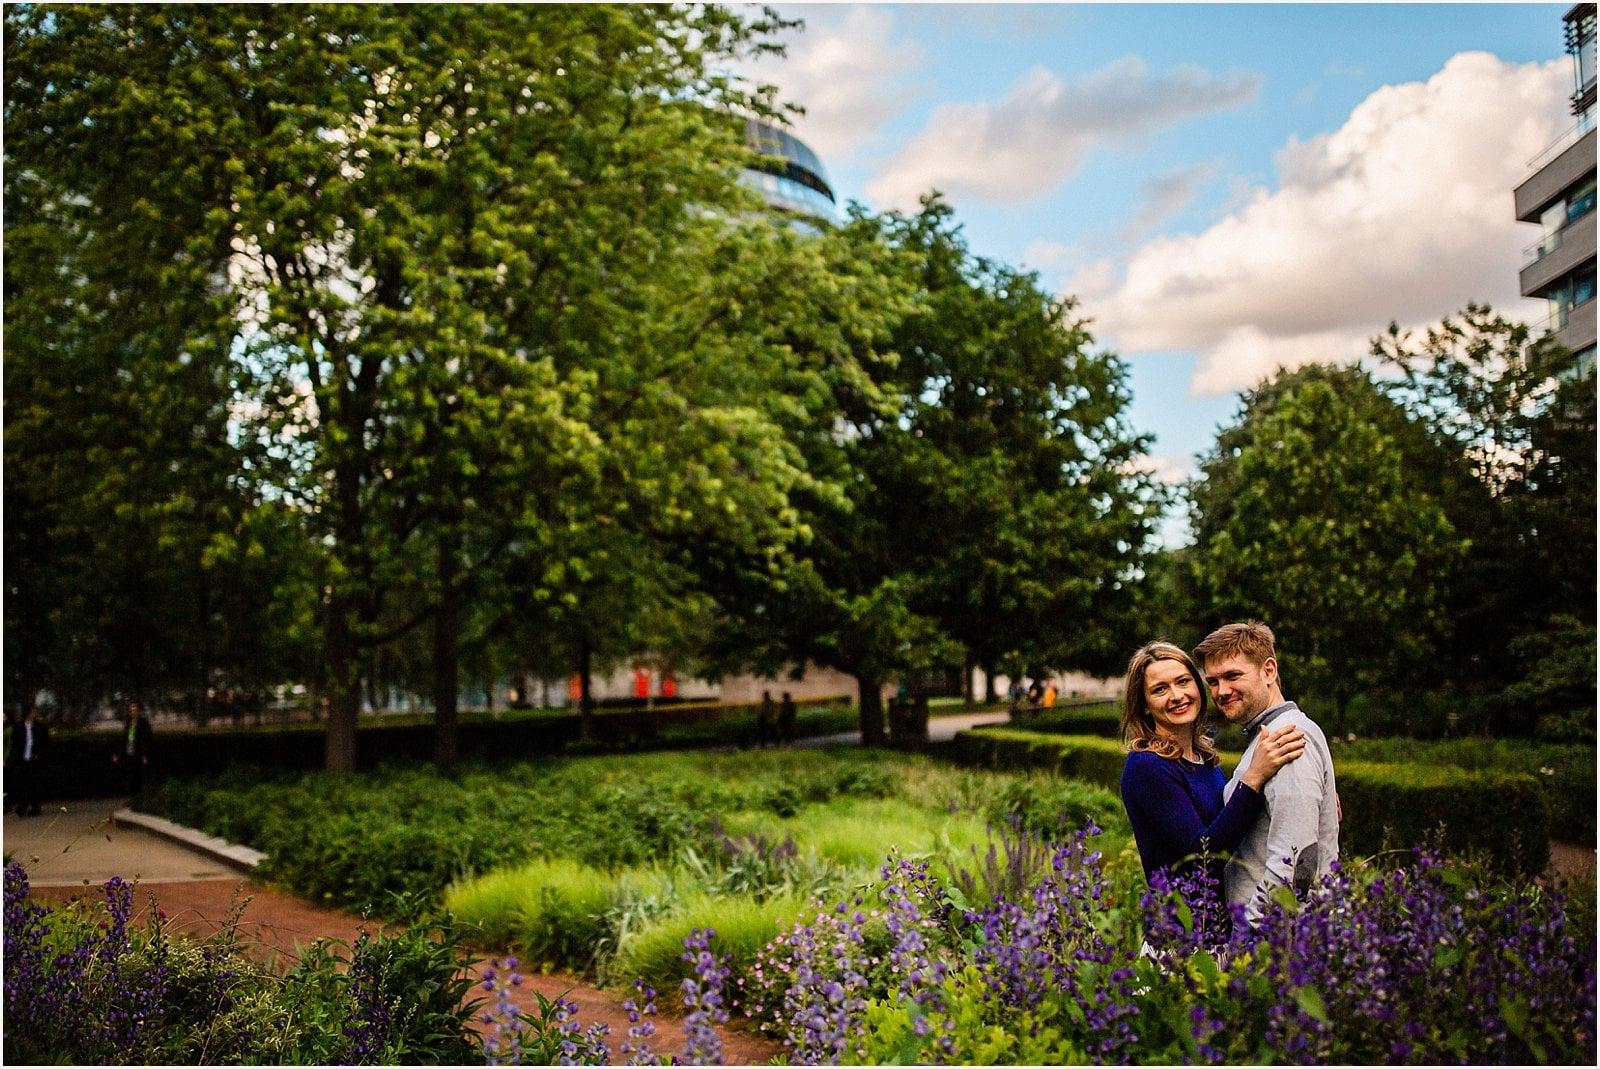 Stunning London Engagement Photos - Ksenia & Iain 12